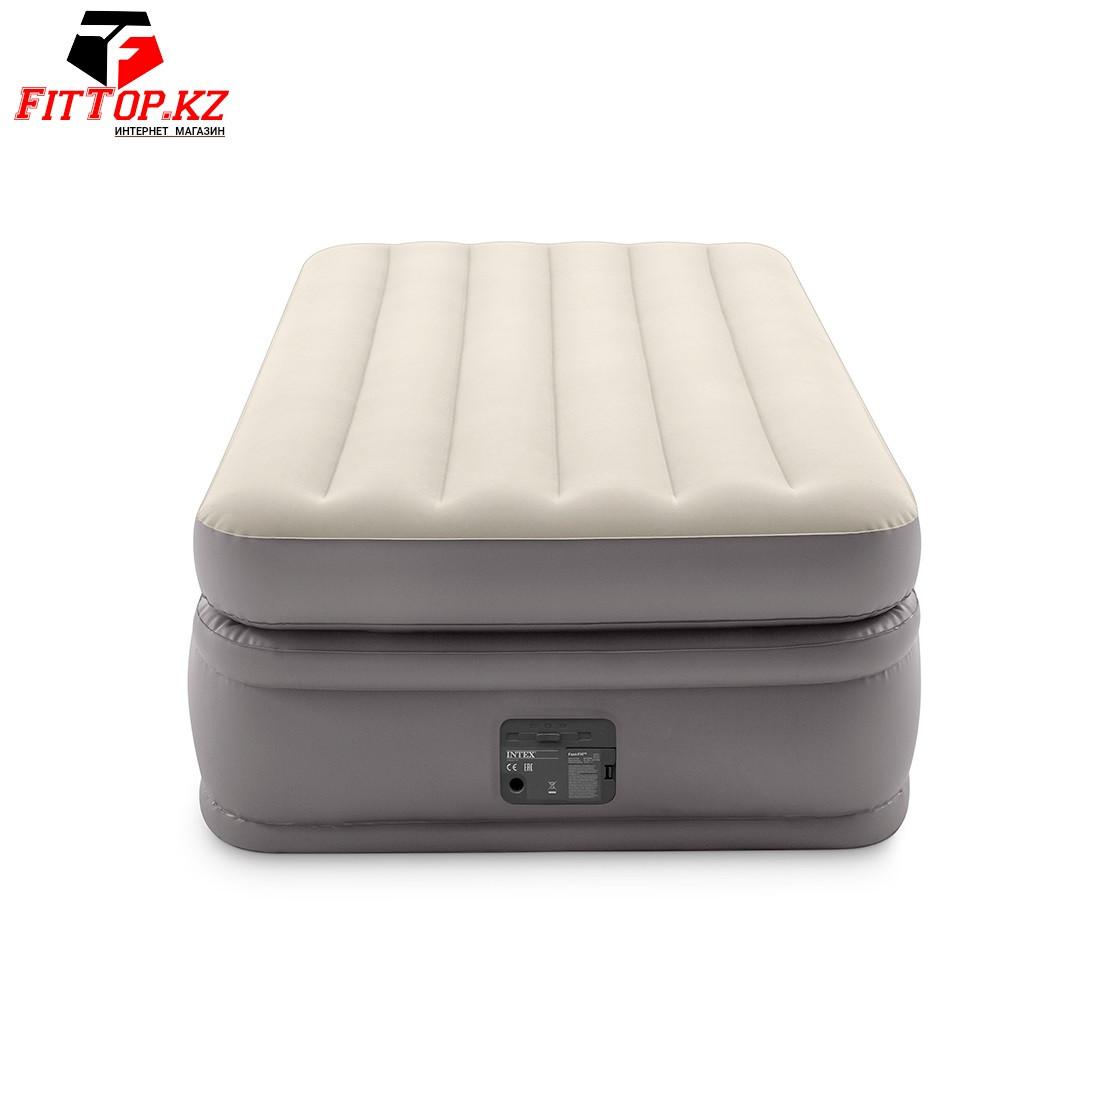 Матрас-кровать надувная Dura-Beam PLUS Intex 64162NP (191х99х51см)